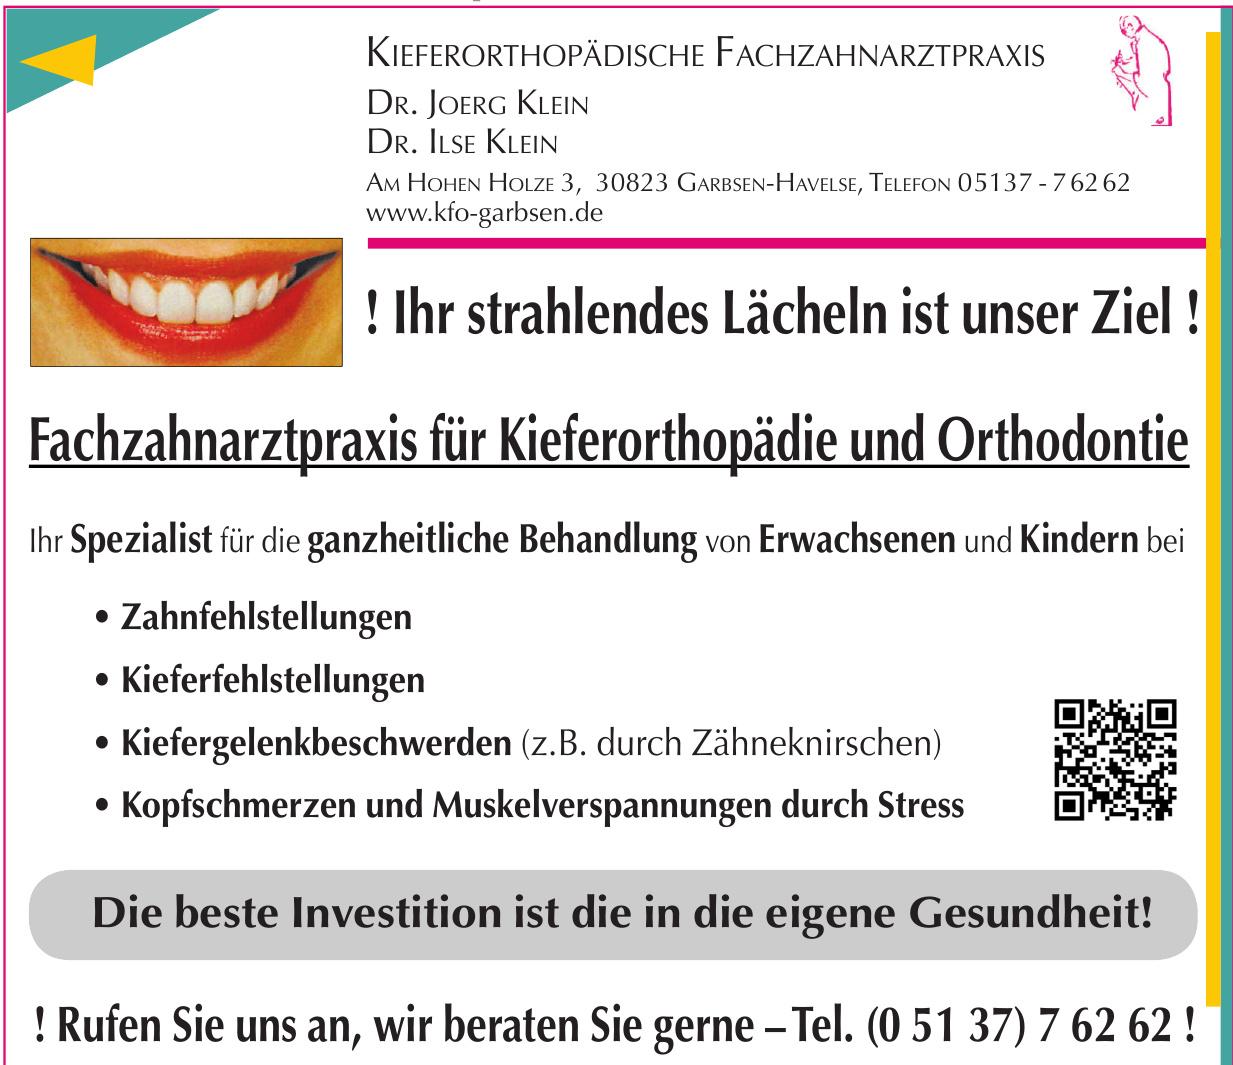 Kieferorthöpädische Fachzahnarztpraxis Dr. Joerg Klein, Dr. Ilse Klein